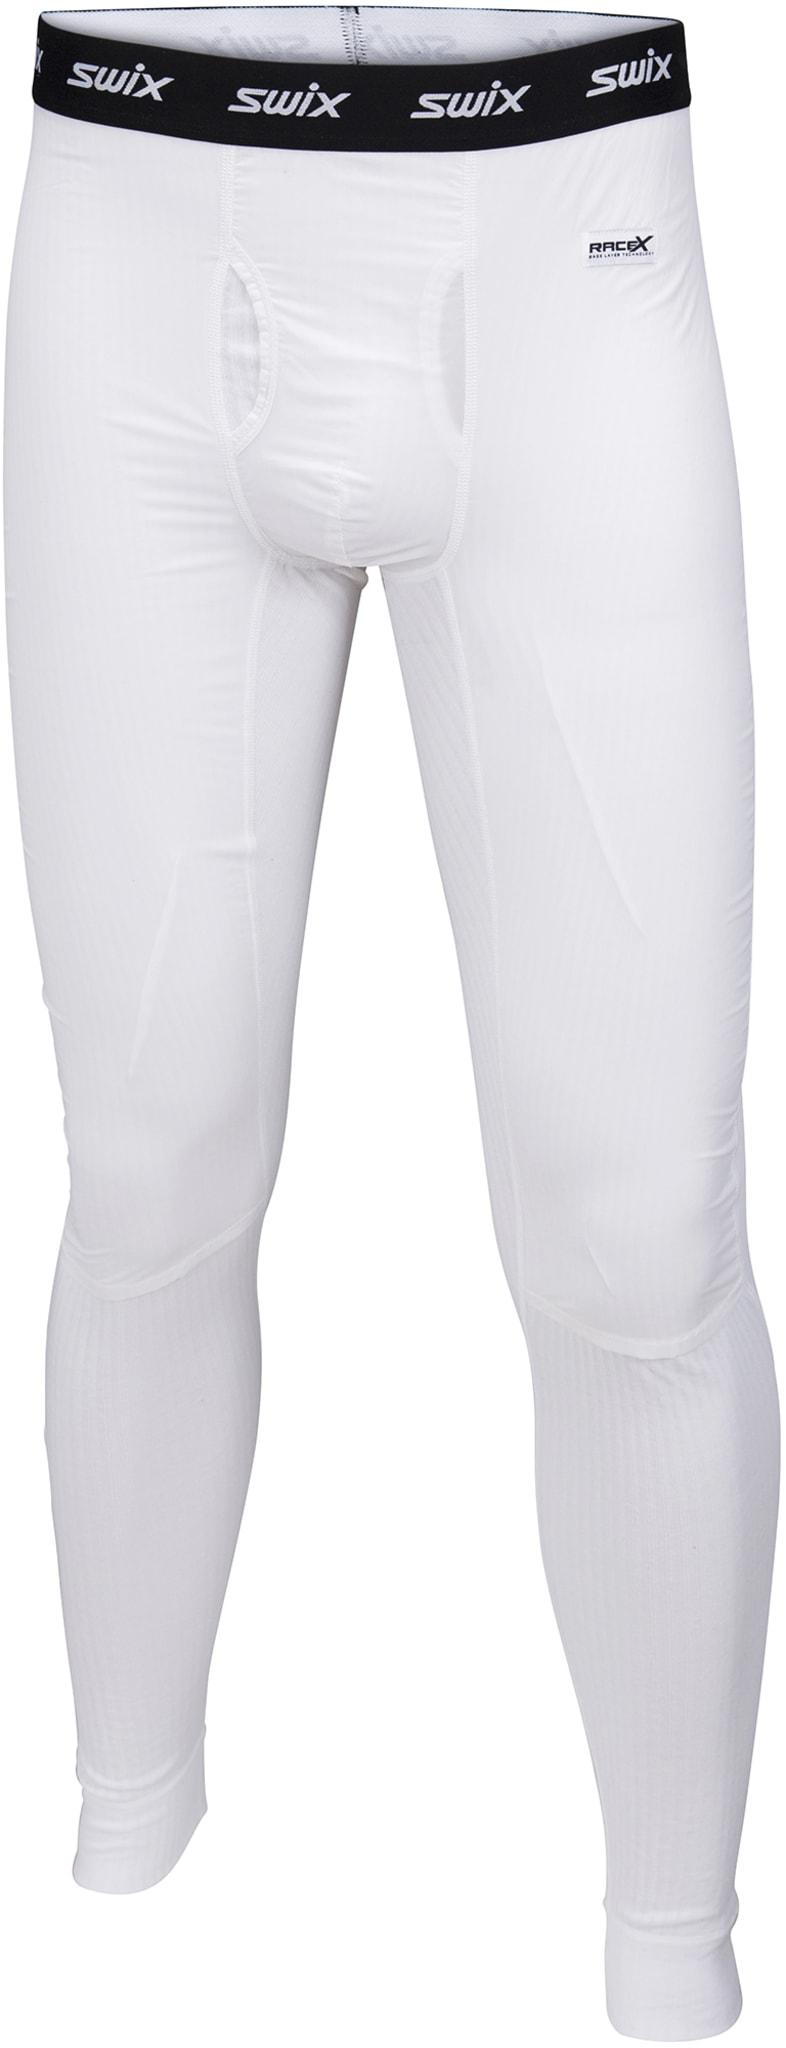 Ultralett treningslongs med vindpanel for ekstra beskyttelse.